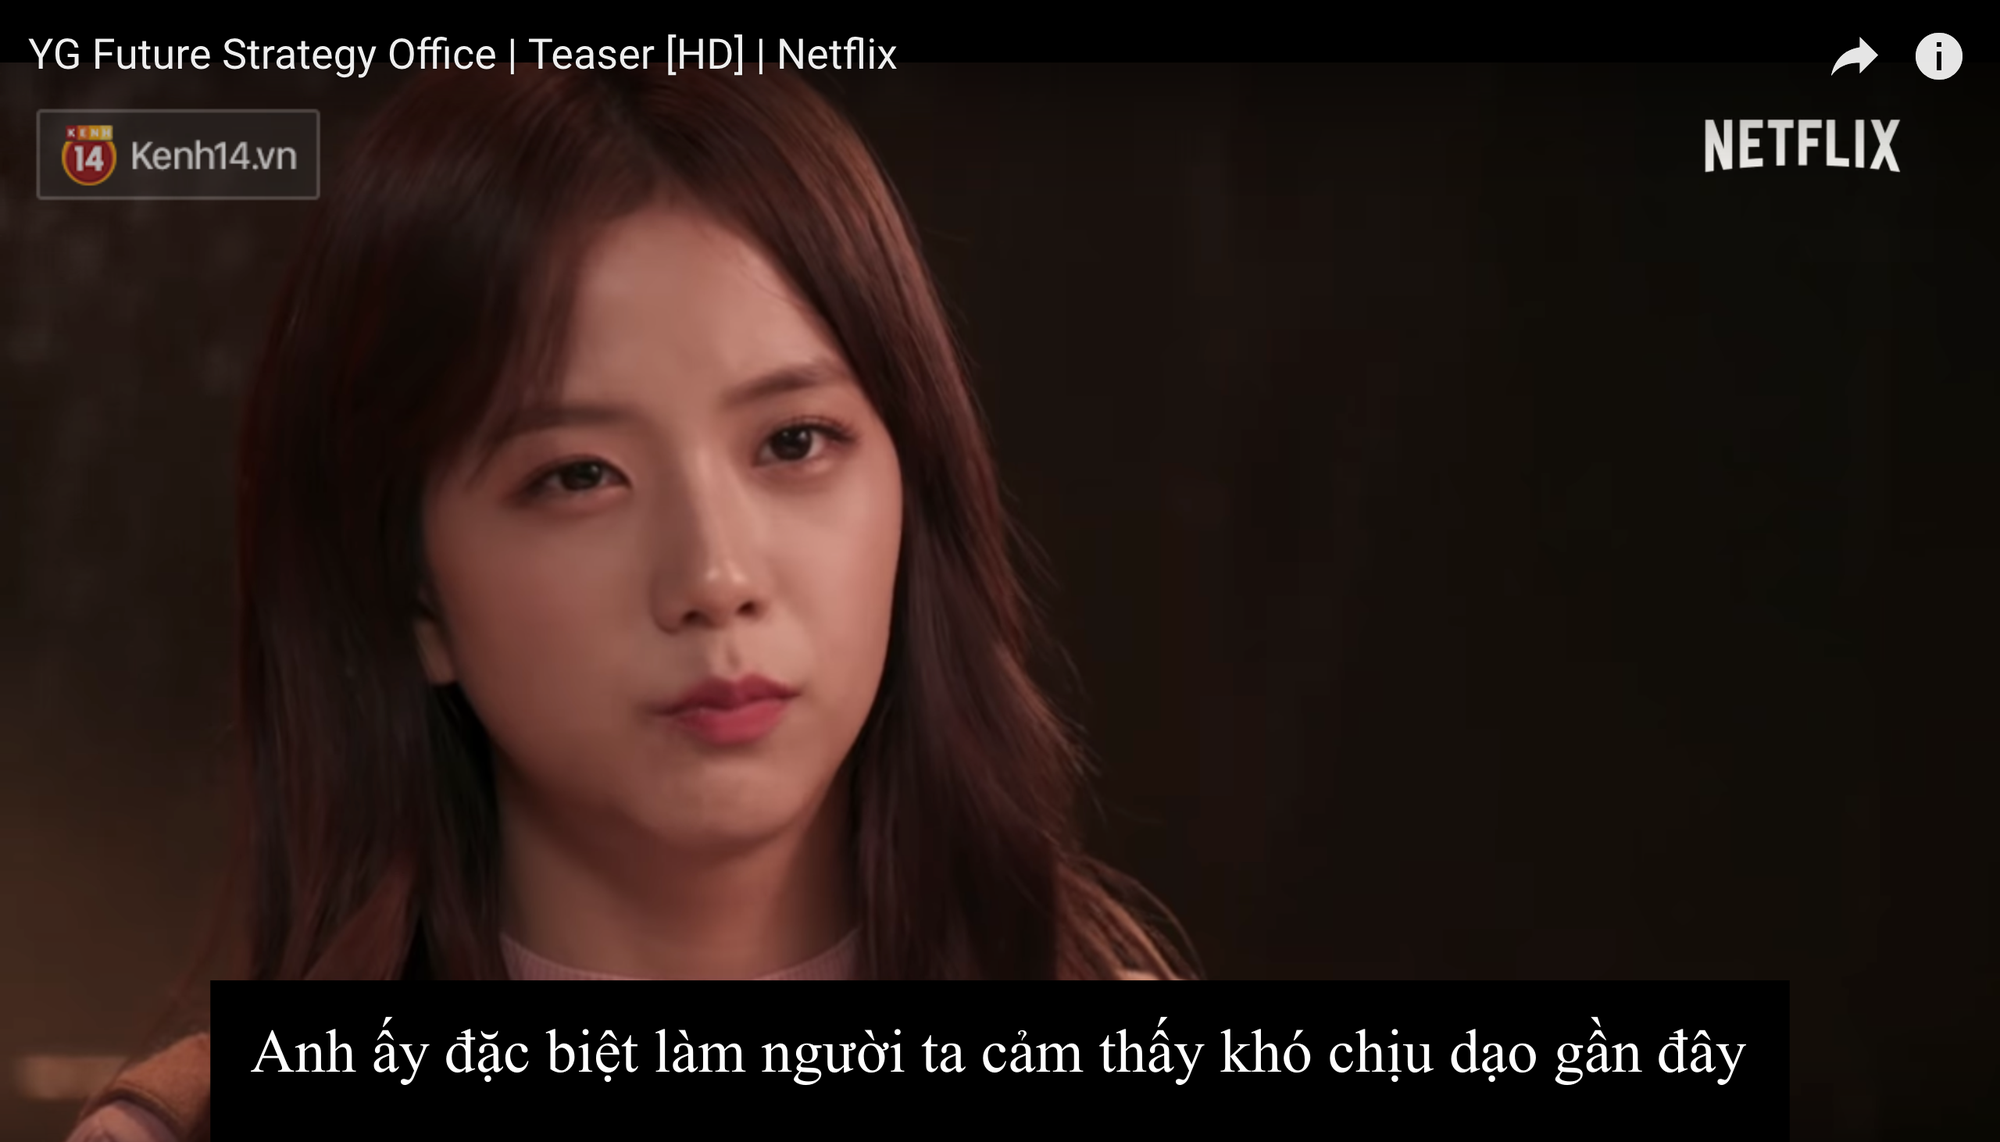 Phim vận vào đời là có thật, bộ sitcom về YG trên Netflix như diễn tả chính xác con người Seungri! - Ảnh 4.